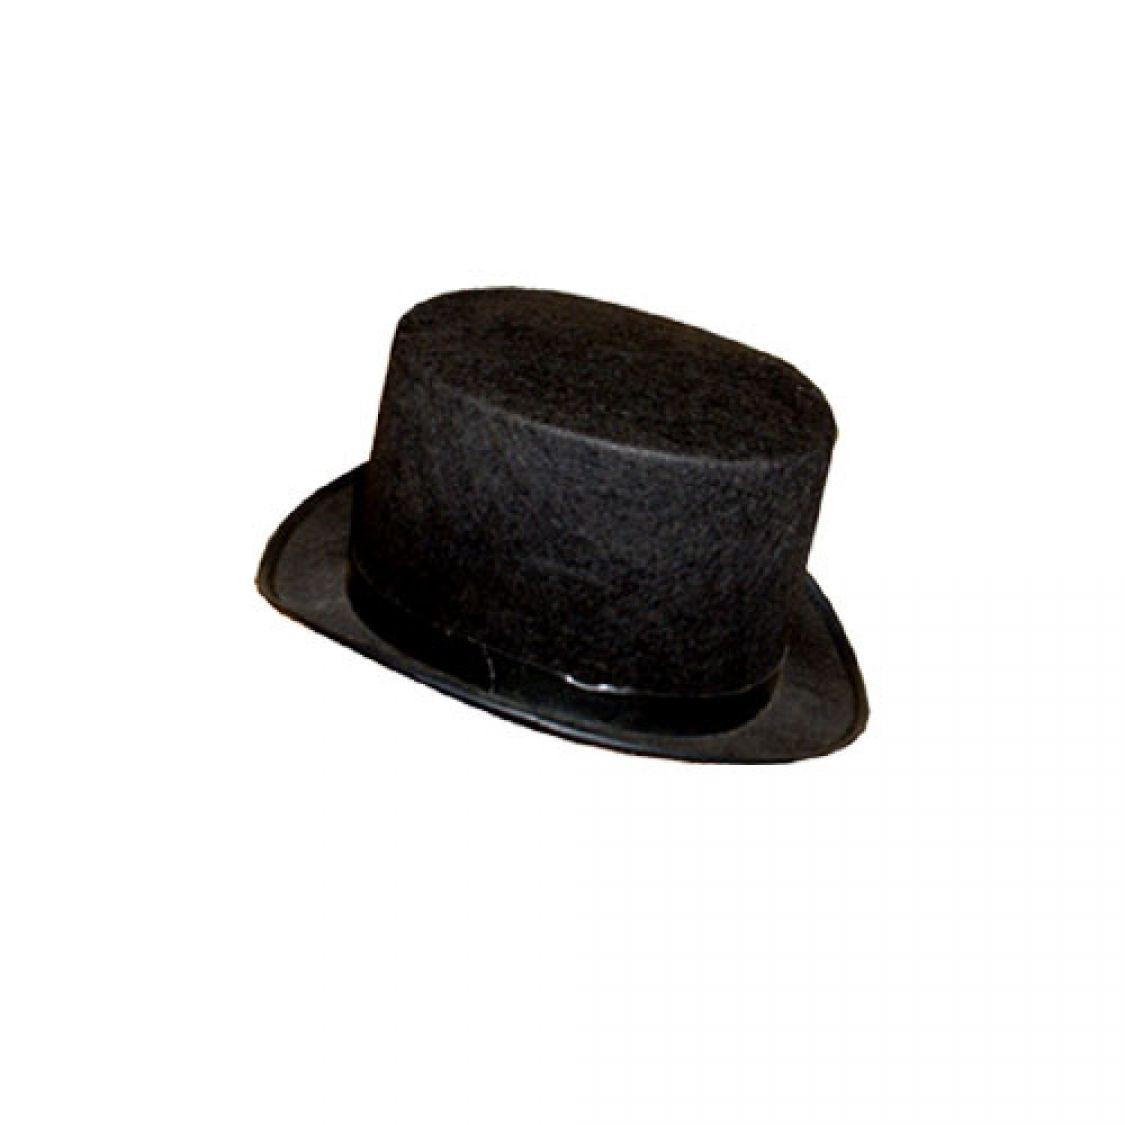 haut de forme ptitc chapeau haut de forme noir gm. Black Bedroom Furniture Sets. Home Design Ideas